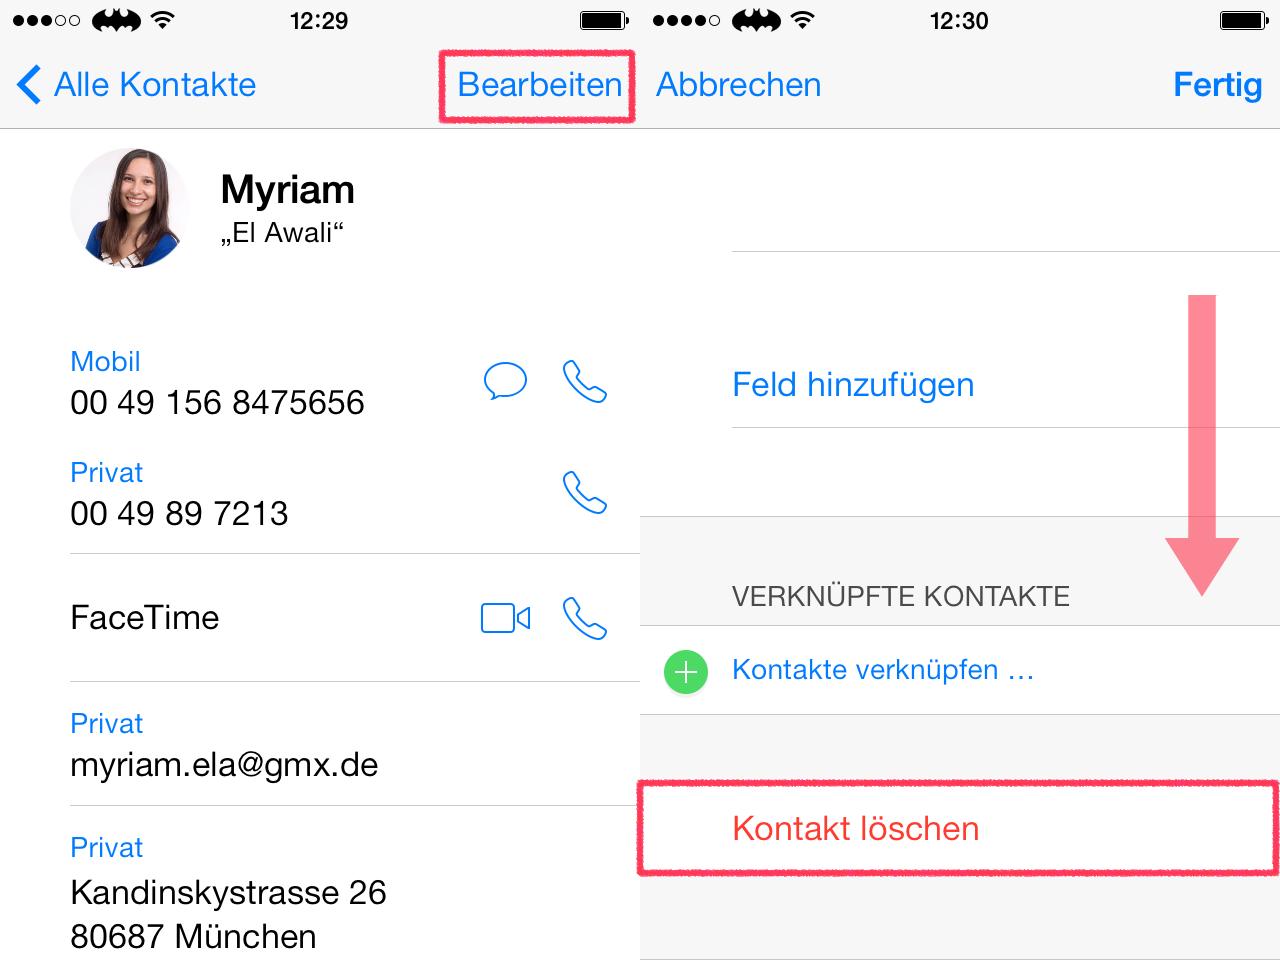 Kontakte löschen iphone